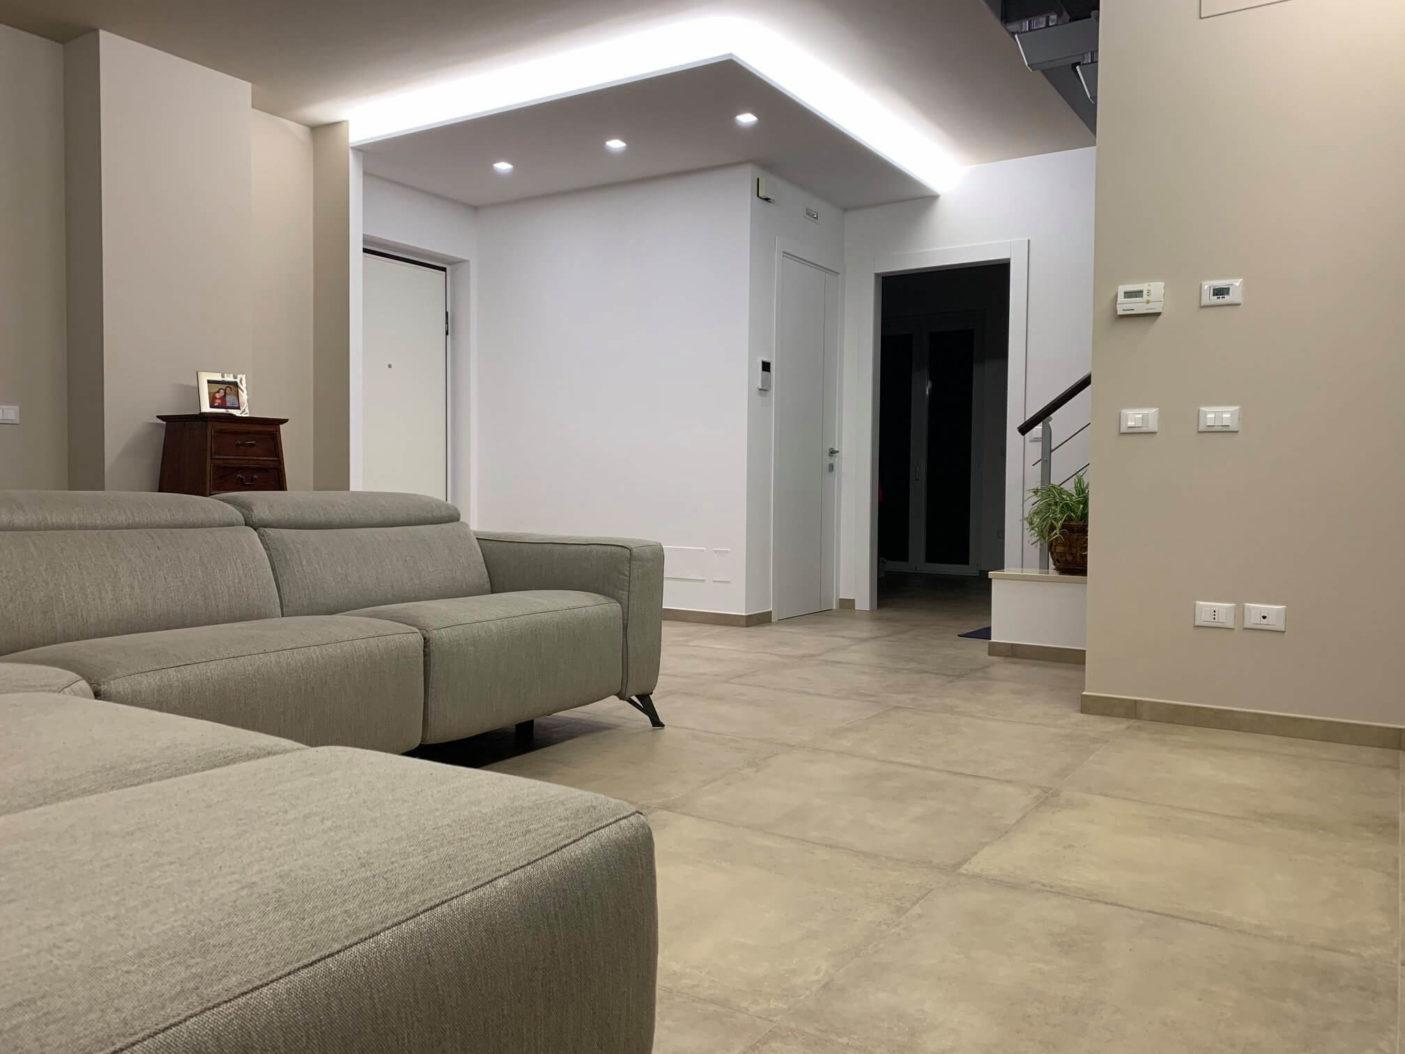 Progetto-di-Interior-Design-Orme-e-Egoitaliano6.jpg